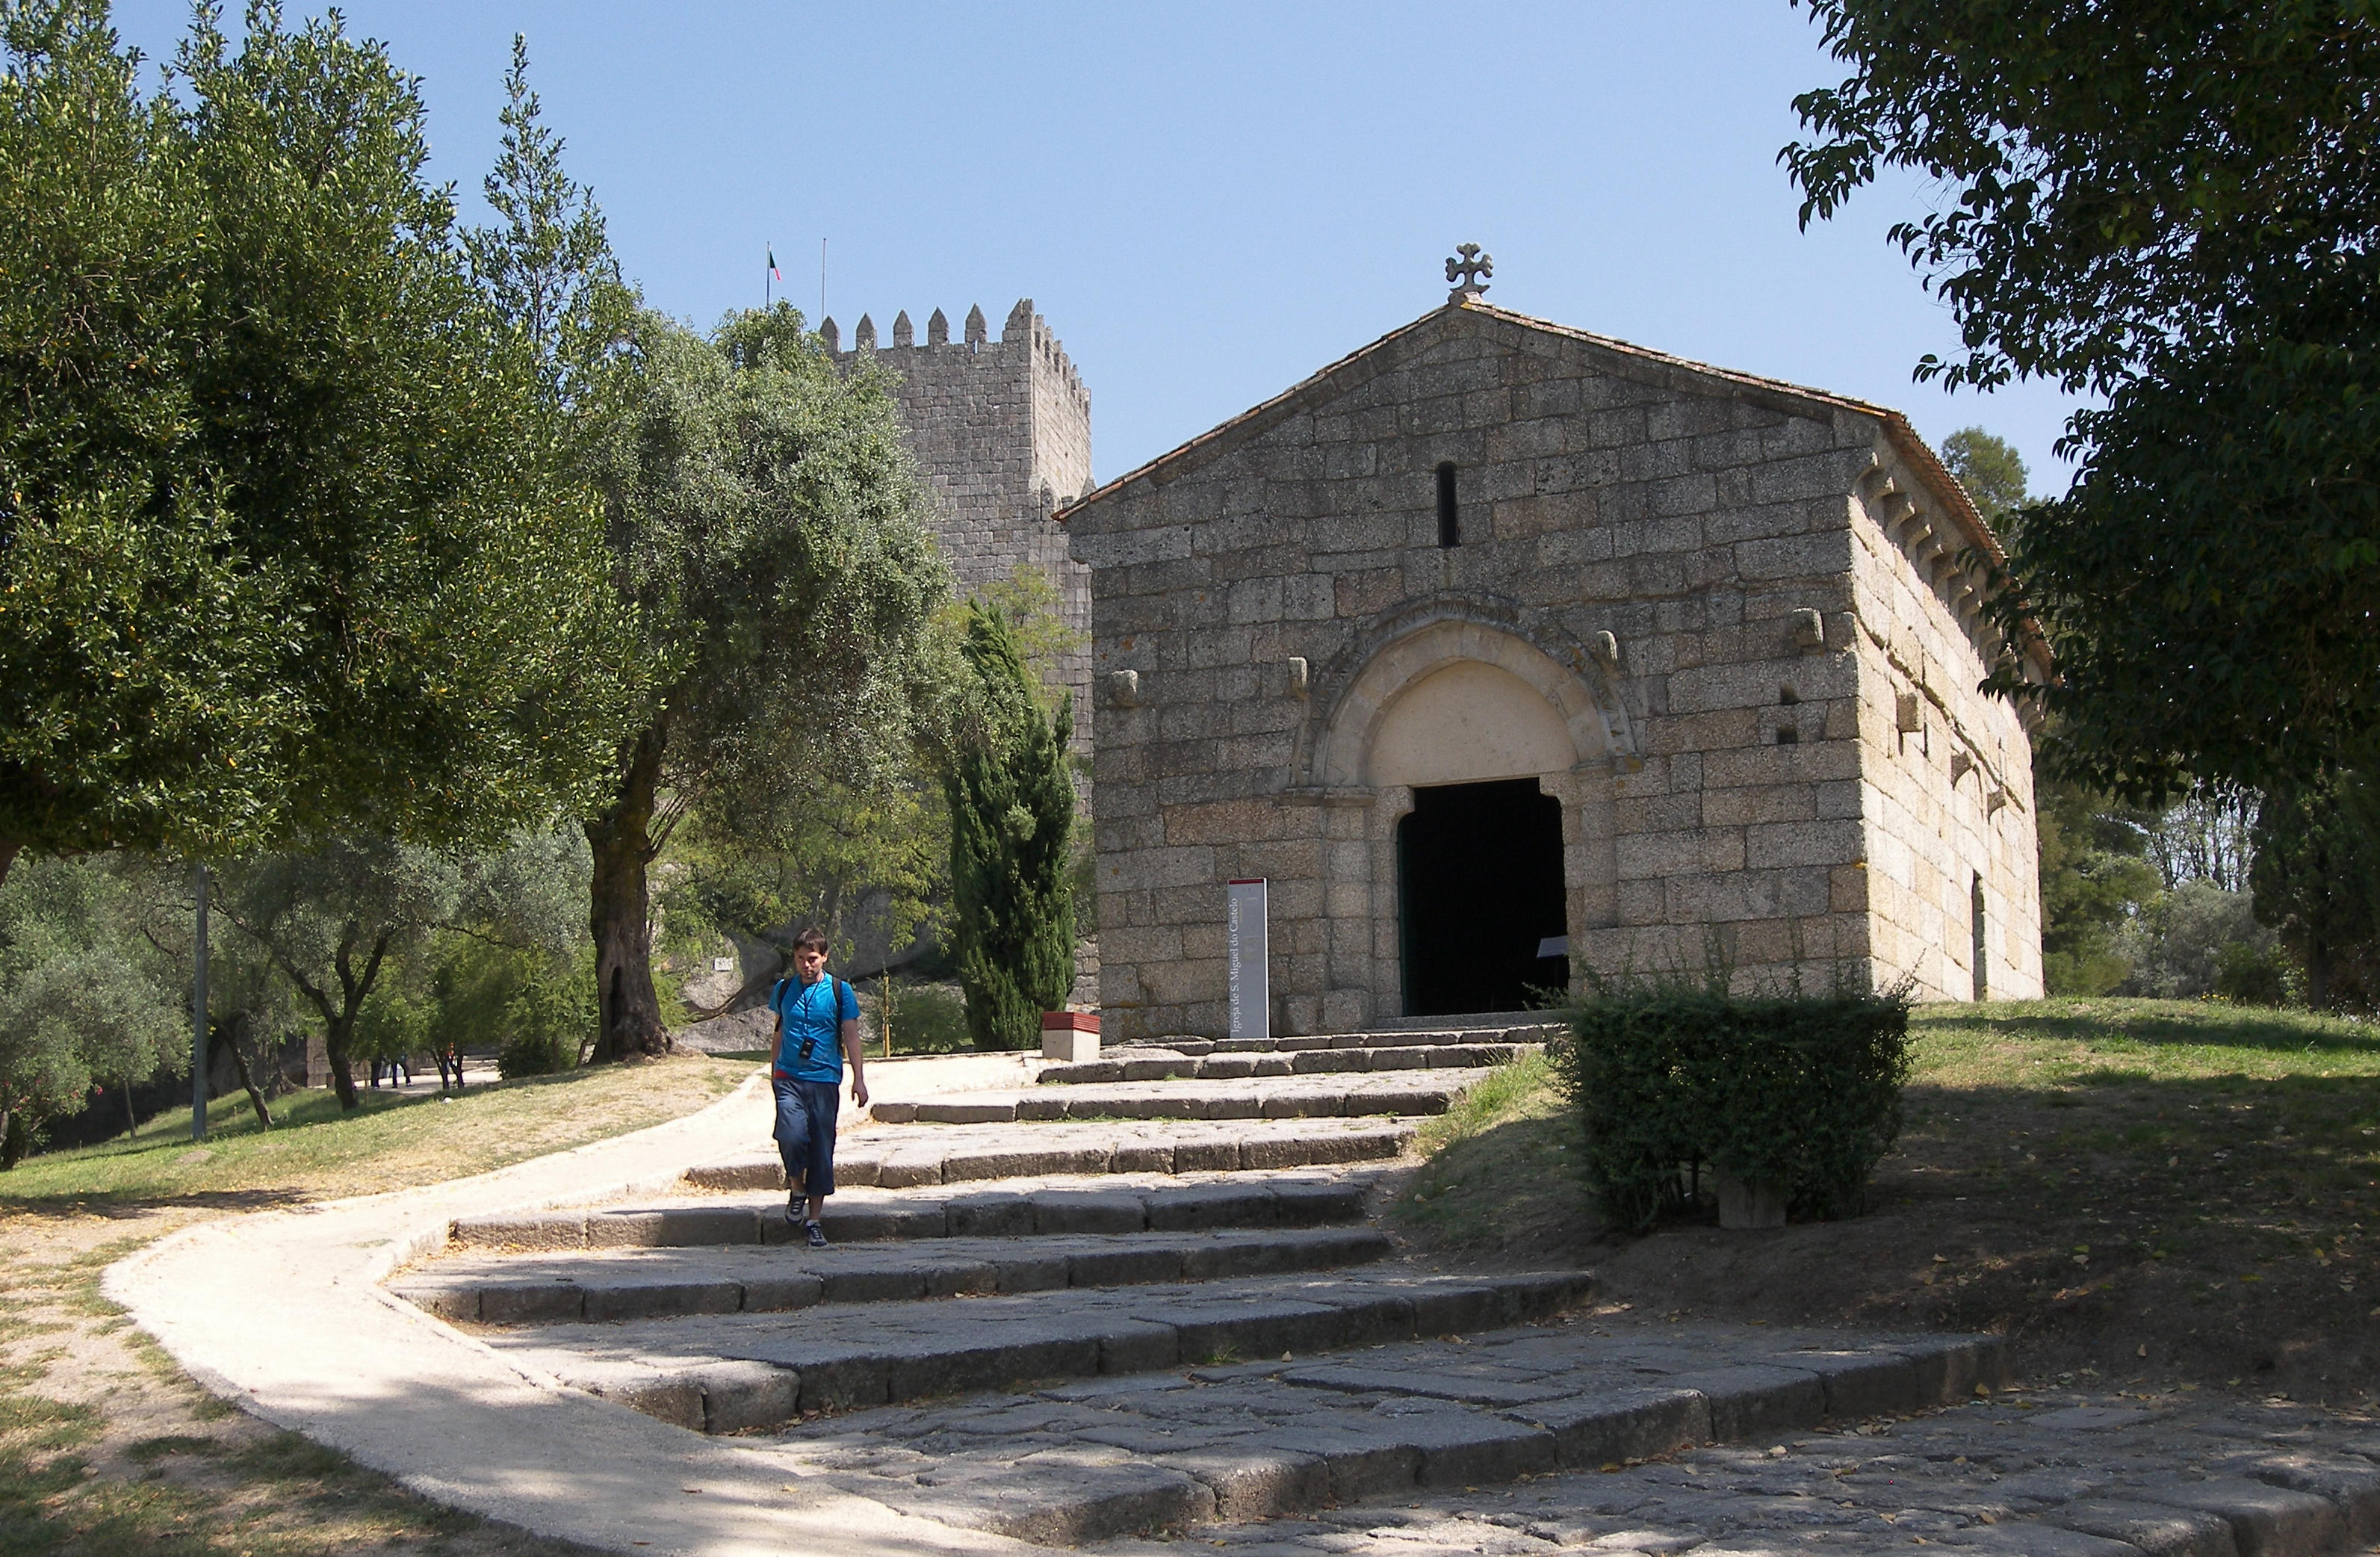 Igreja de S. Miguel do Castelo